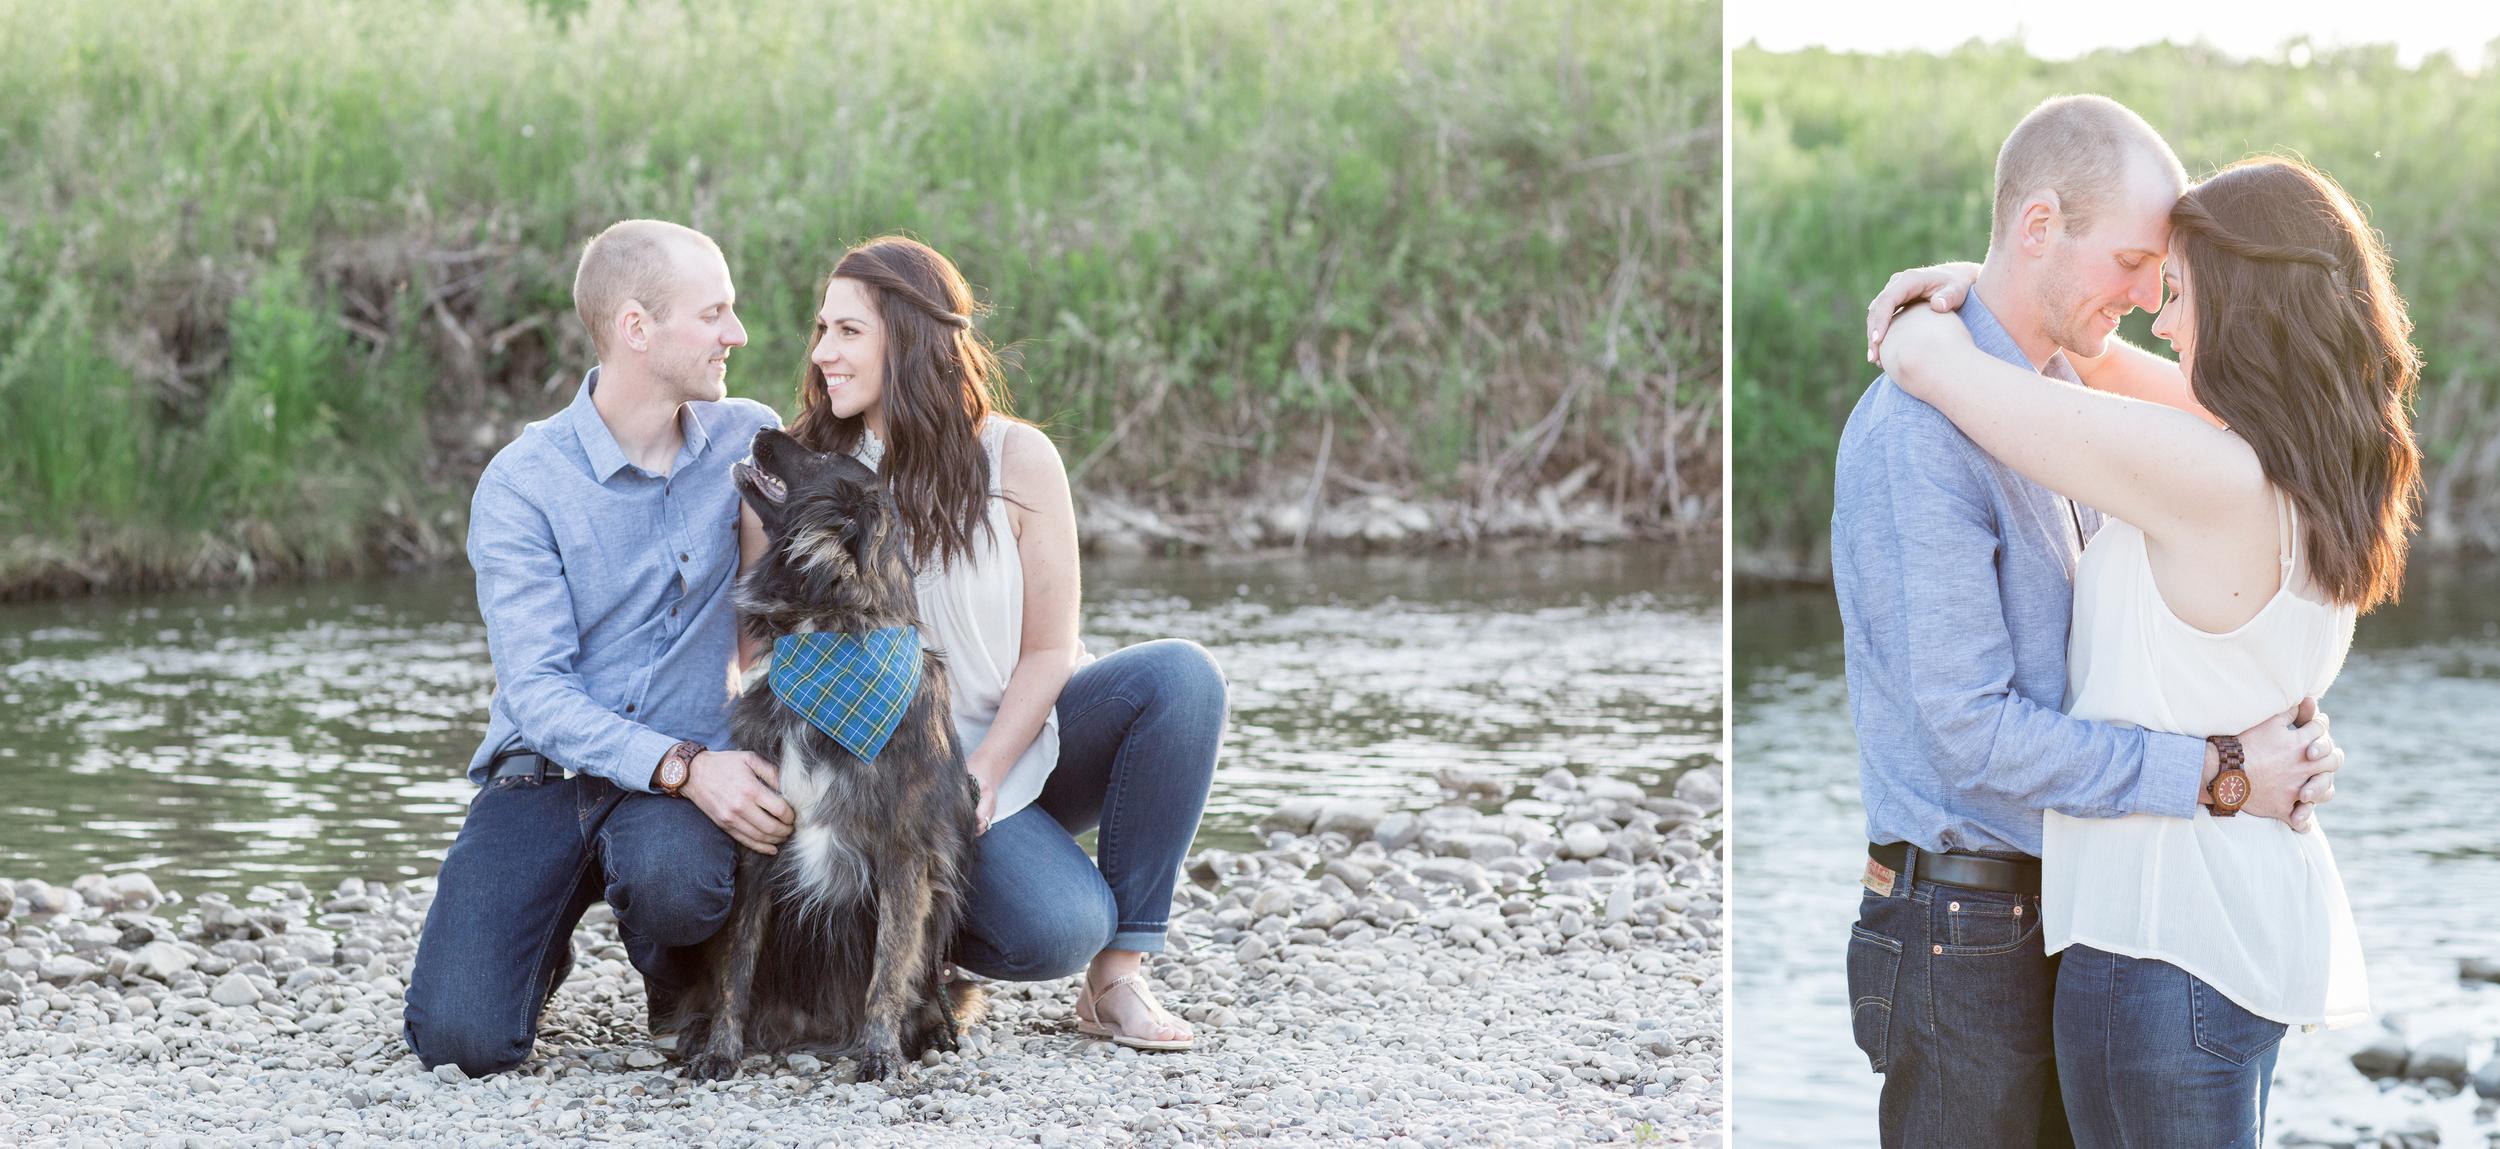 EngagementPhotography_ParrishHousePhotos_AlysonCory_0701_set.jpg